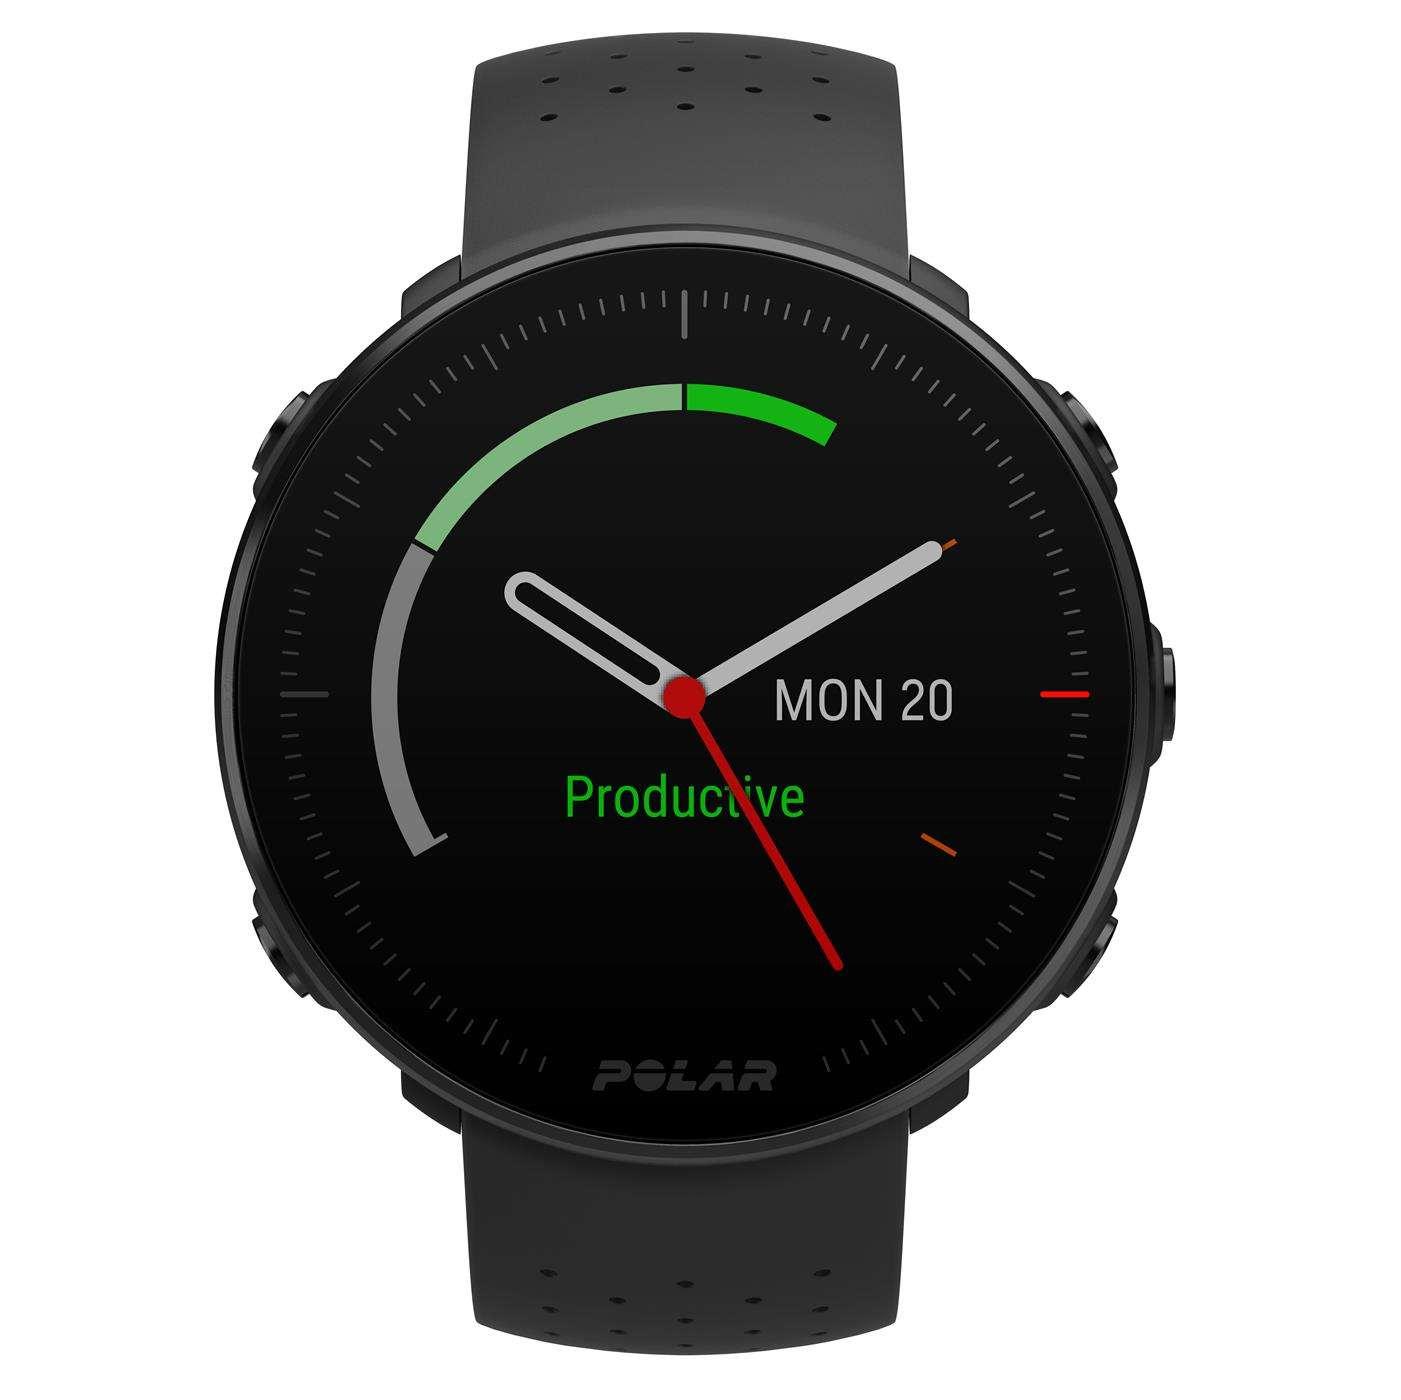 6bab9003985 RECENZE  Finské sportovní hodinky Polar Vantage překonávají ...